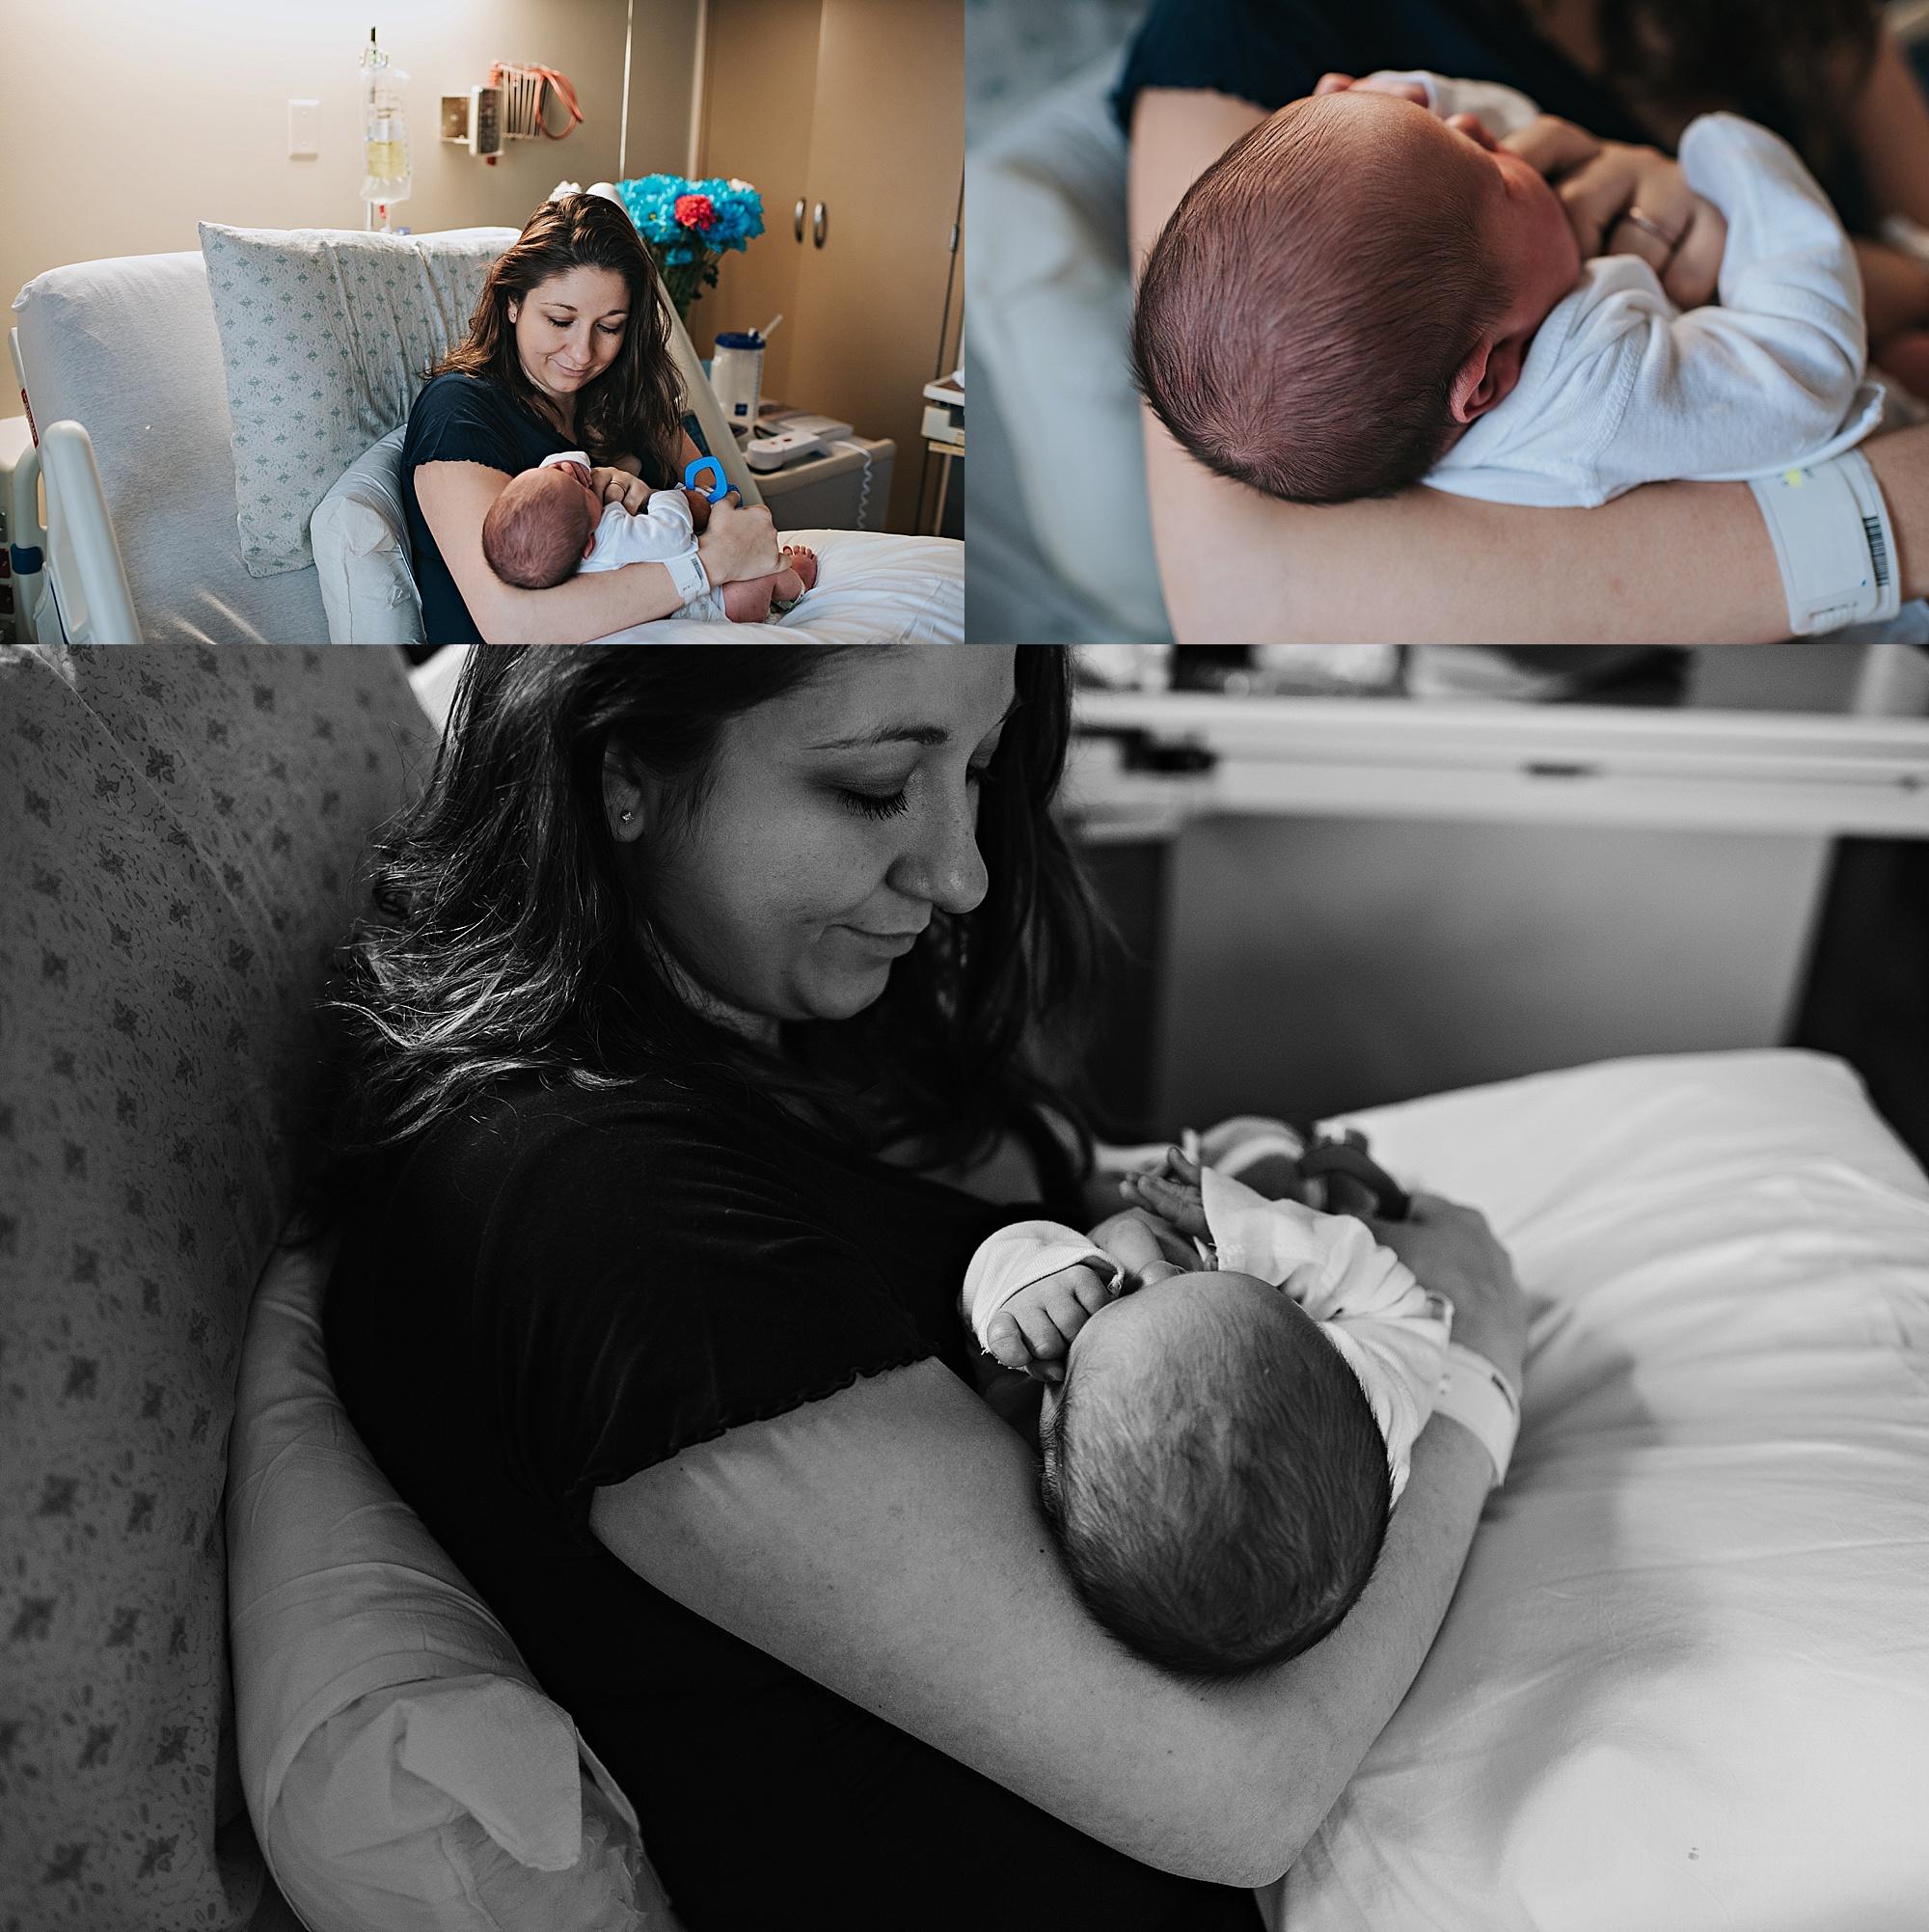 Dudones-family-cleveland-photographer-lauren-grayson-fresh-48-session_0010.jpg